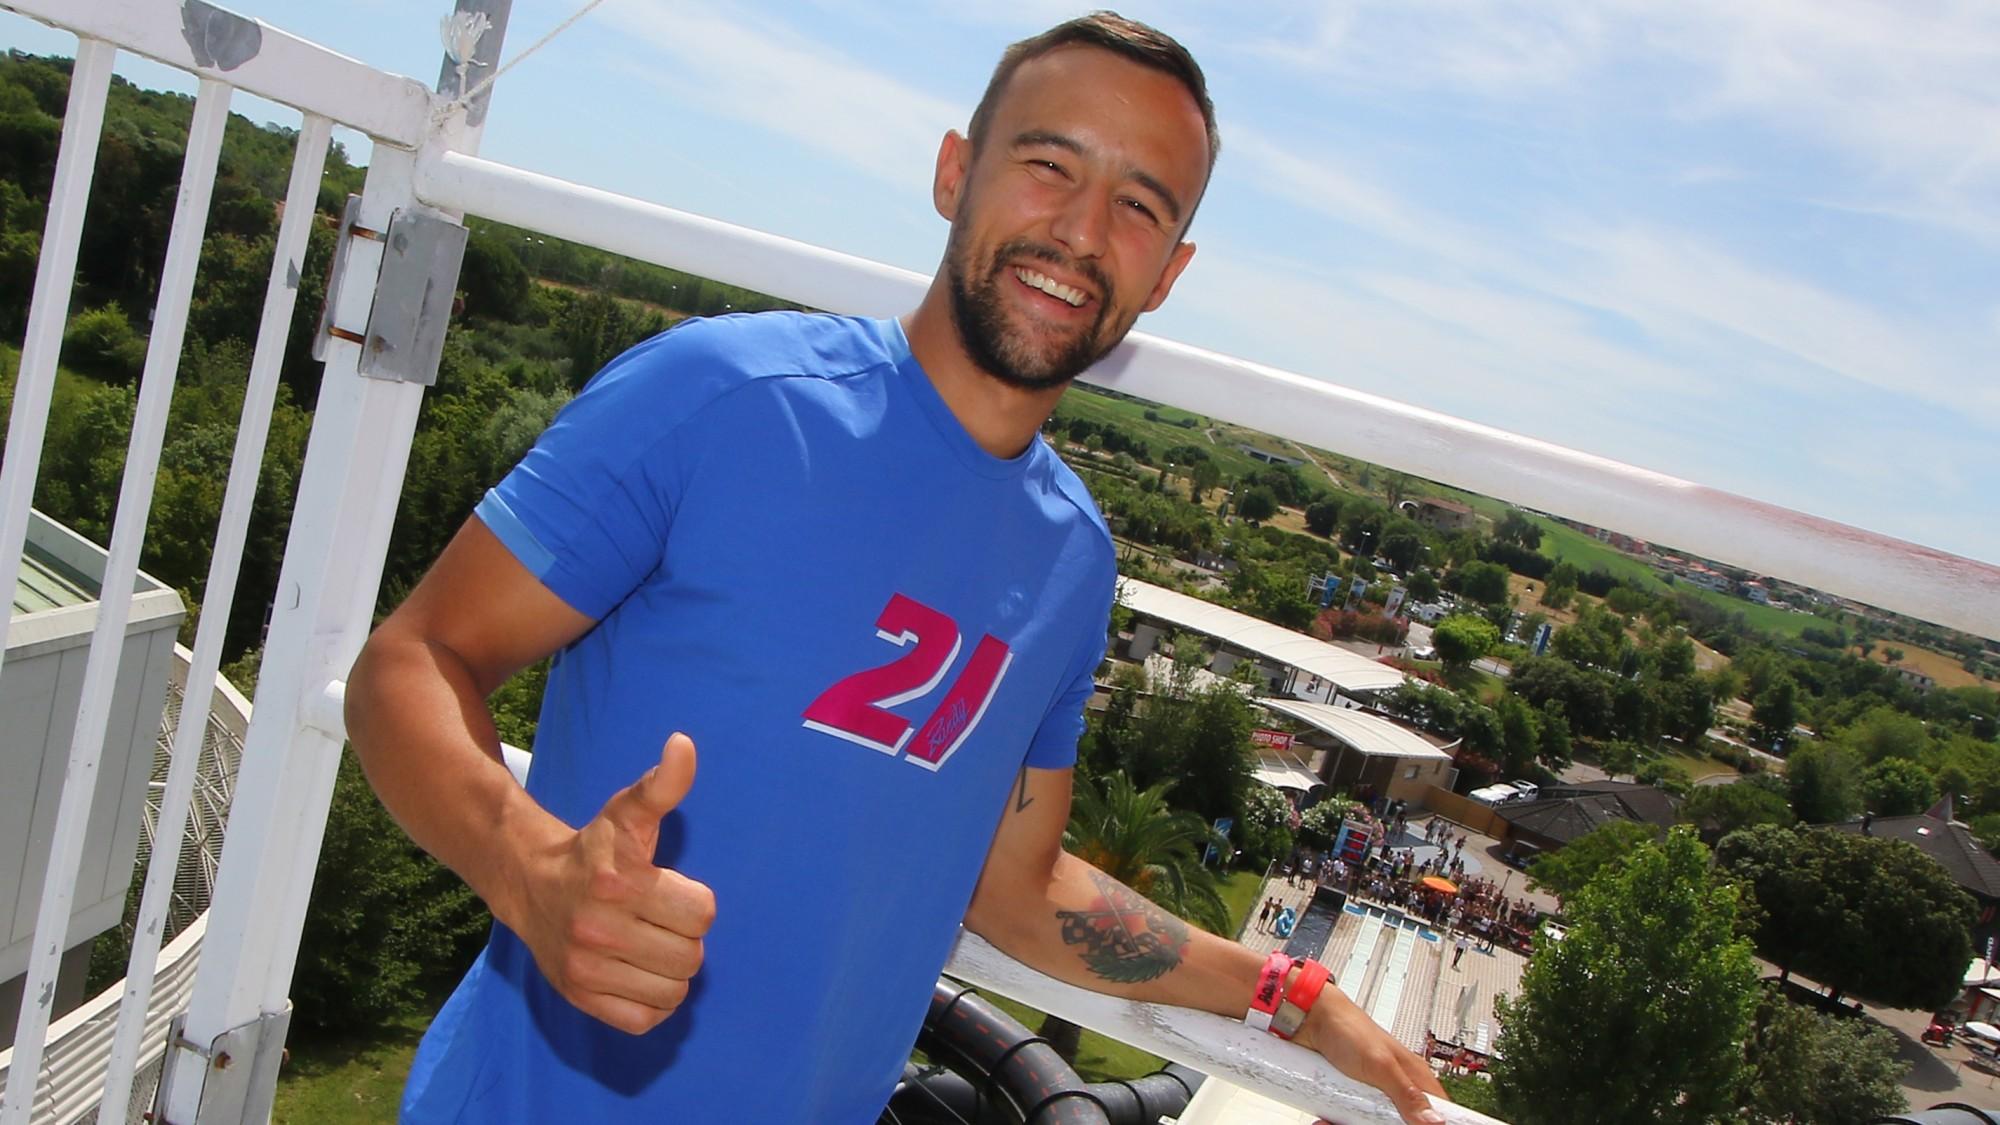 WorldSSP Champion Krummenacher signs with MV Agusta for 2020